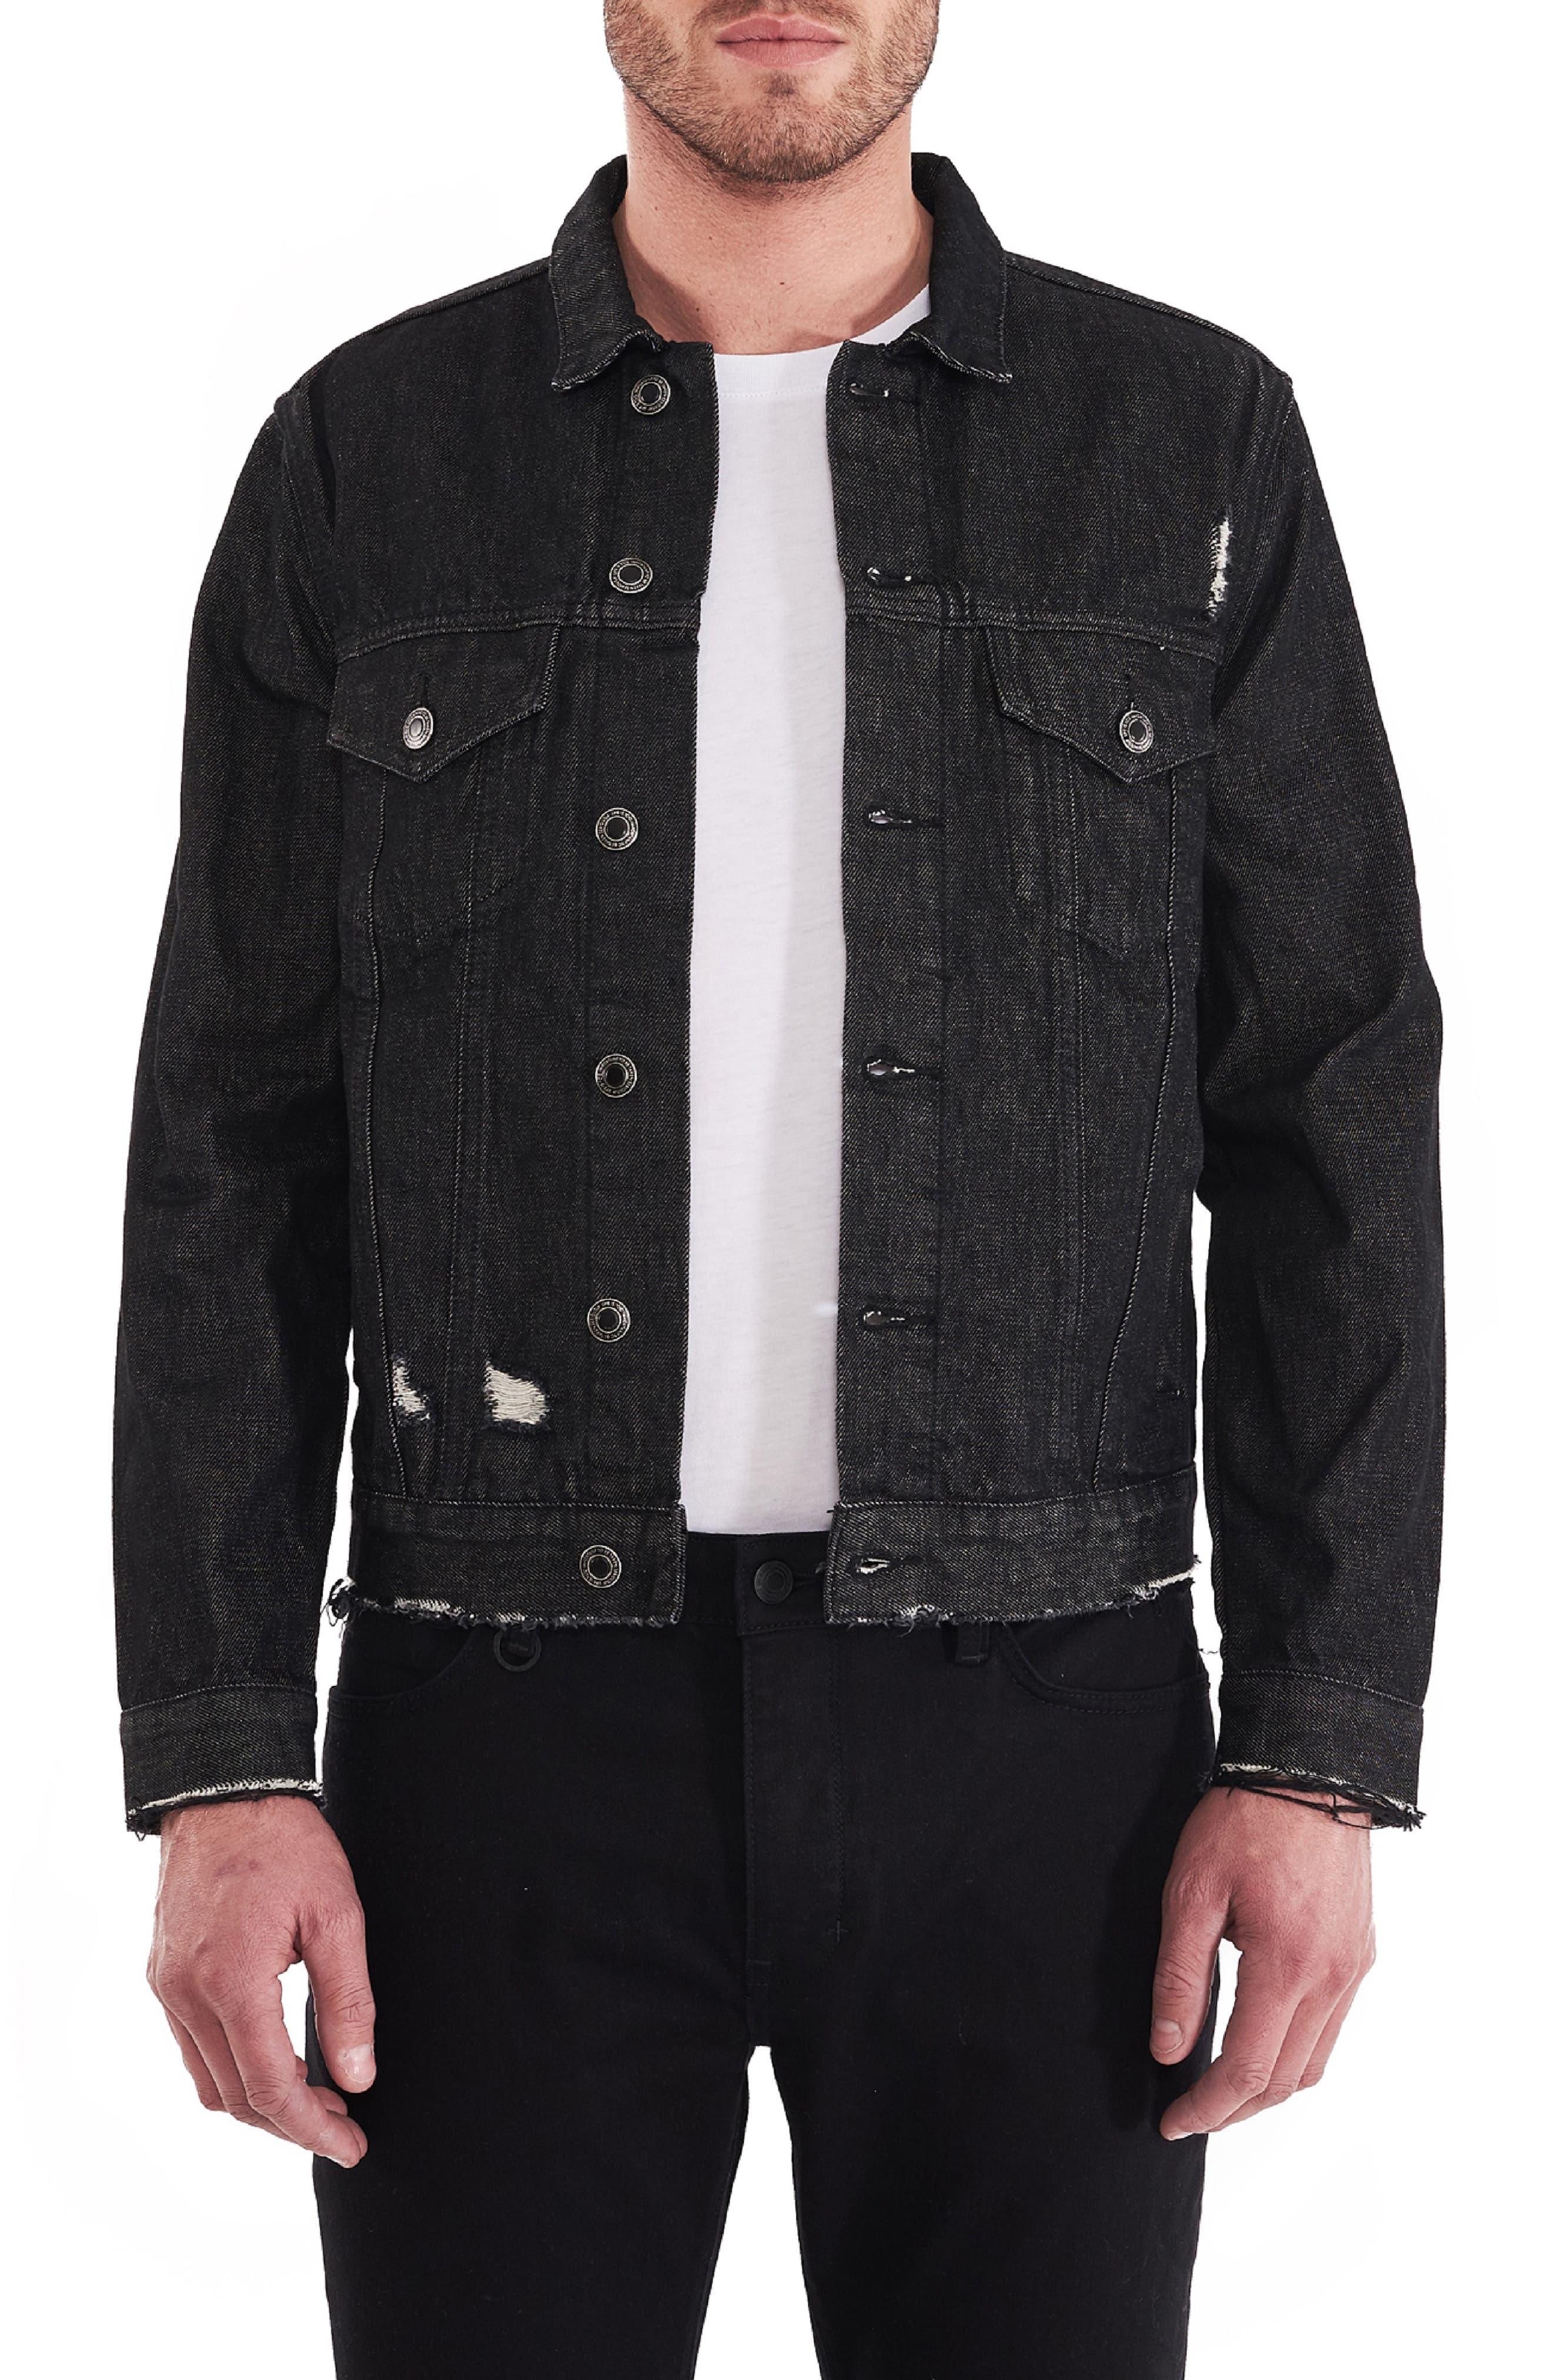 Type One Black Label Denim Jacket,                         Main,                         color, BLACK LABEL